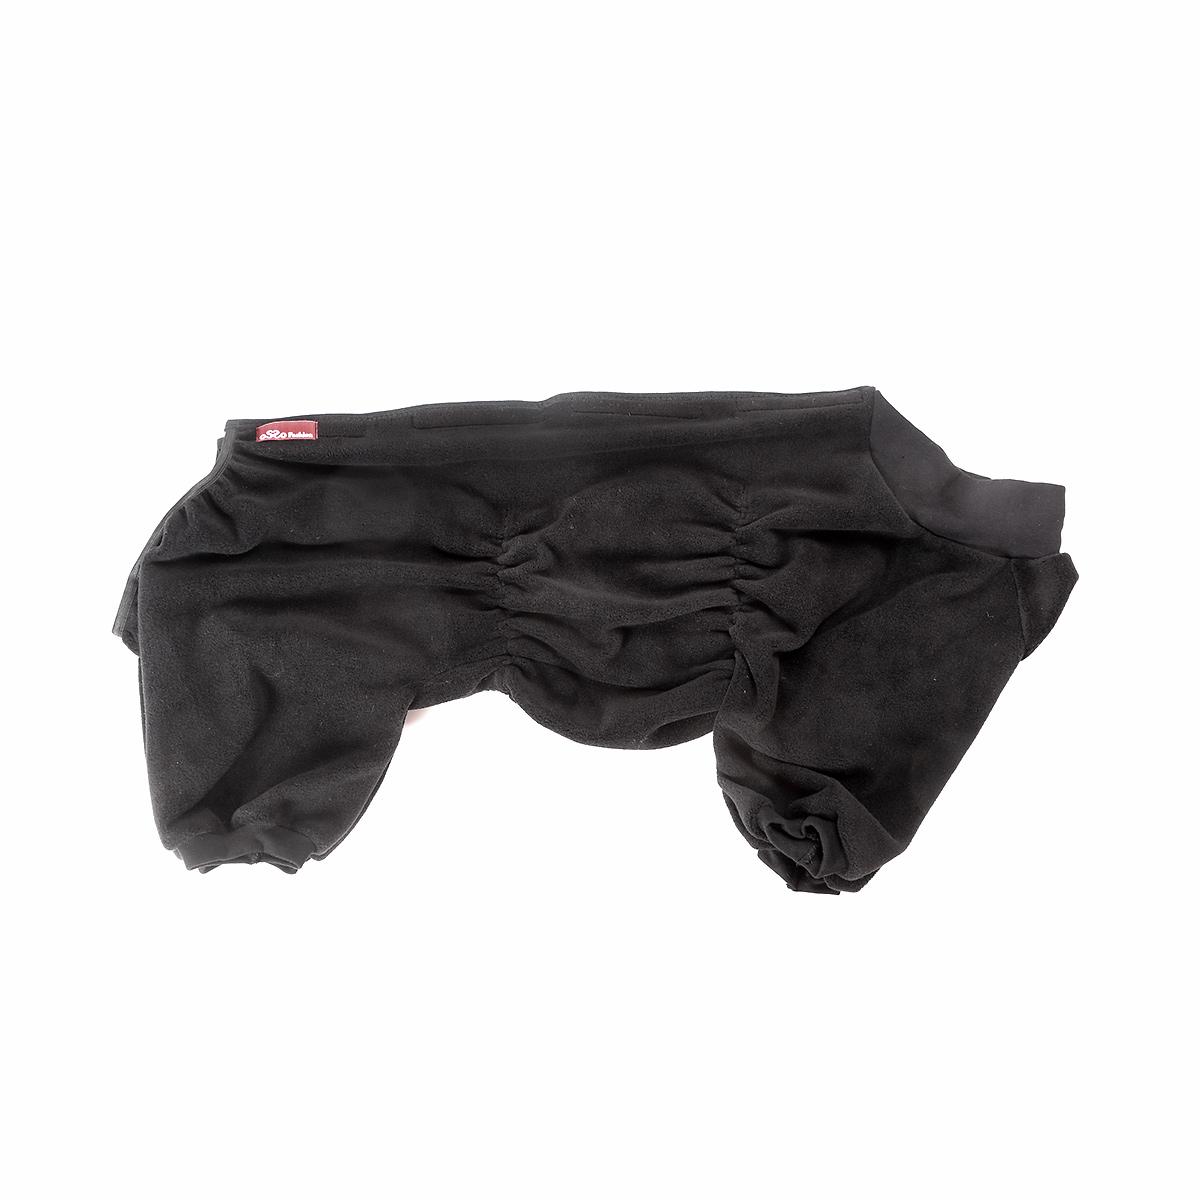 Комбинезон для собак OSSO Fashion, для мальчика, цвет: графит. Размер 30Кф-1006Комбинезон для собак OSSO Fashion выполнен из флиса. Комфортная посадка по корпусу достигается за счет резинок-утяжек под грудью и животом. На воротнике имеются завязки, для дополнительной фиксации. Можно носить самостоятельно и как поддевку под комбинезон для собак. Изделие отлично стирается, быстро сохнет.Длина спинки: 30 см. Объем груди: 34-44 см.Одежда для собак: нужна ли она и как её выбрать. Статья OZON Гид